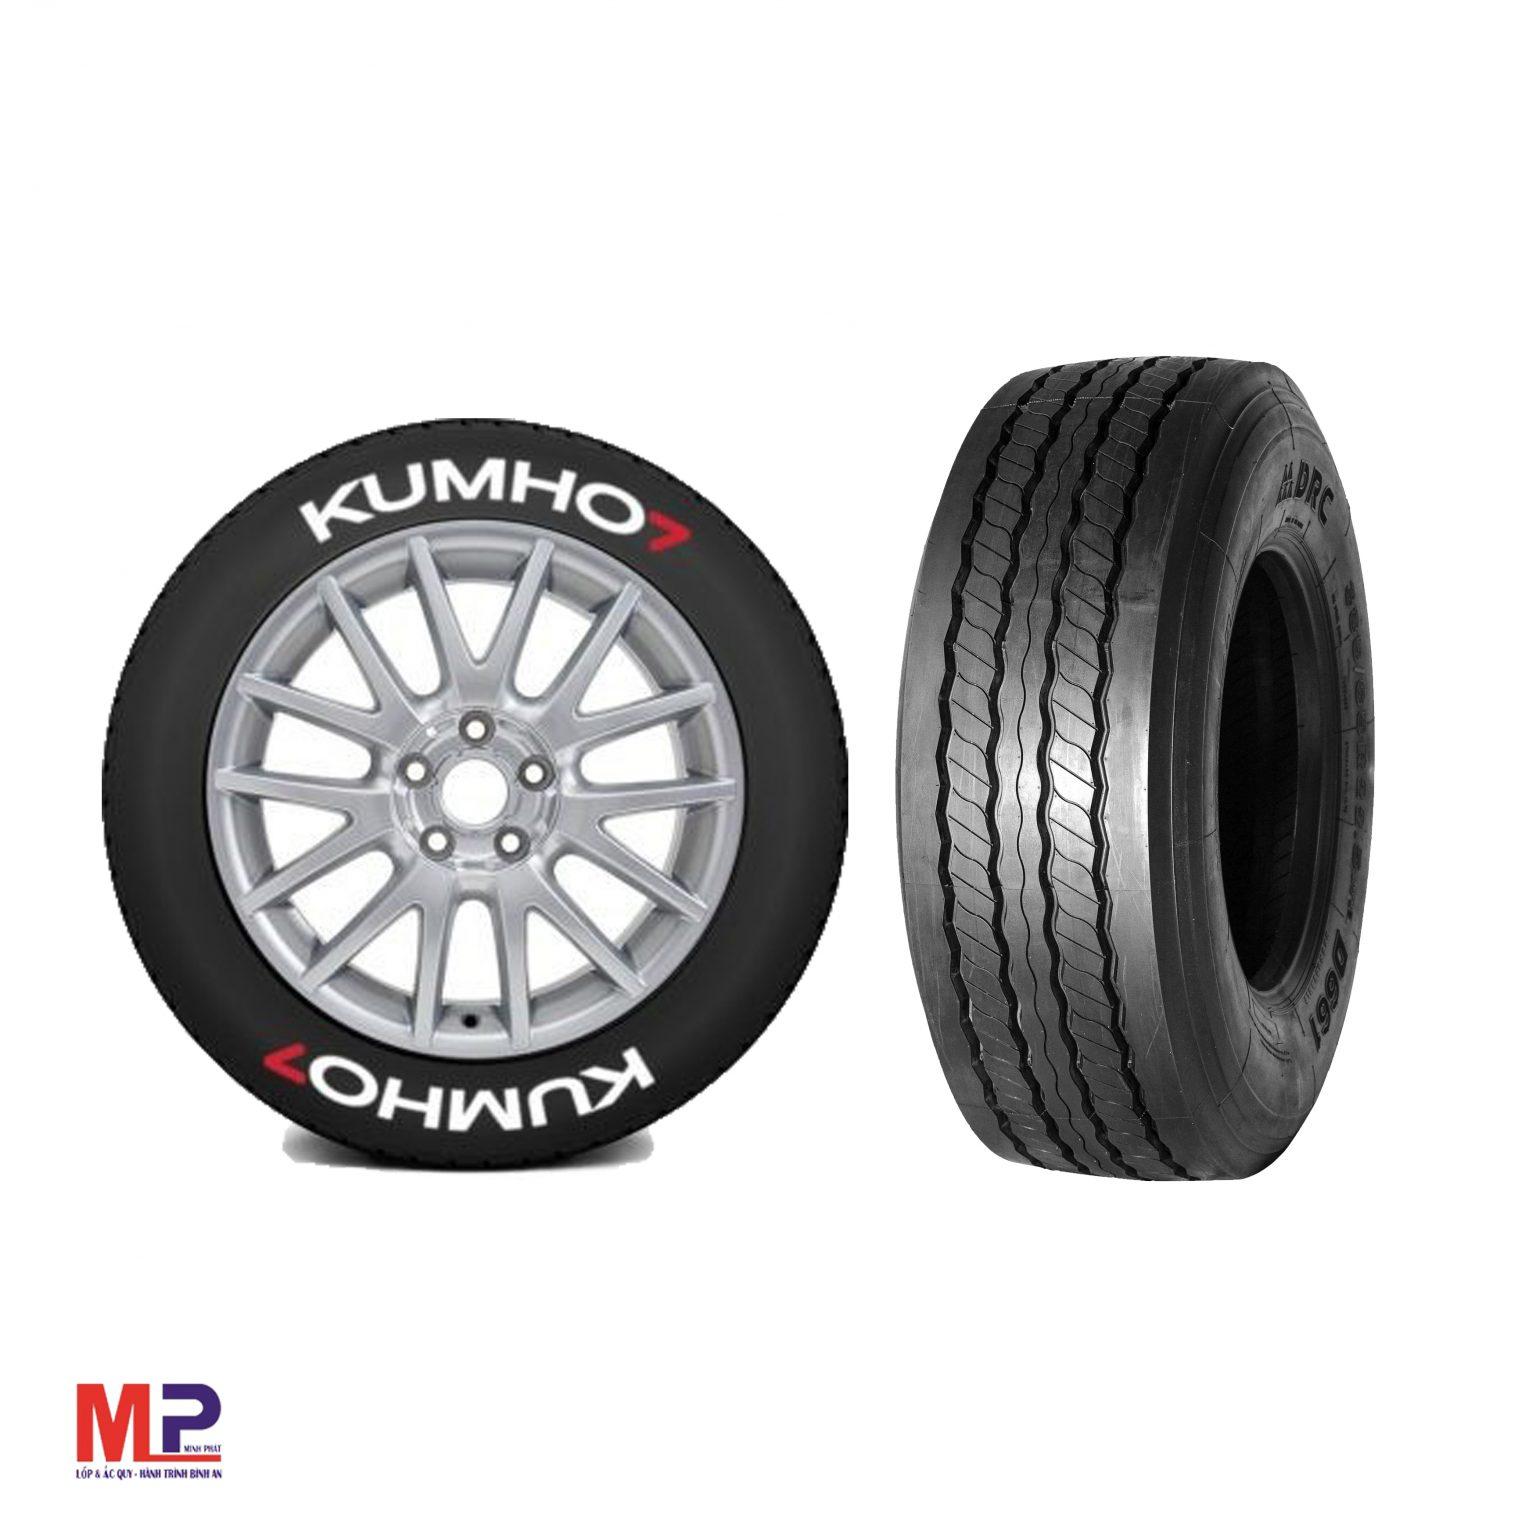 So sánh lốp drc với lốp Kumho? Mẫu lốp xe tải nào tốt hơn